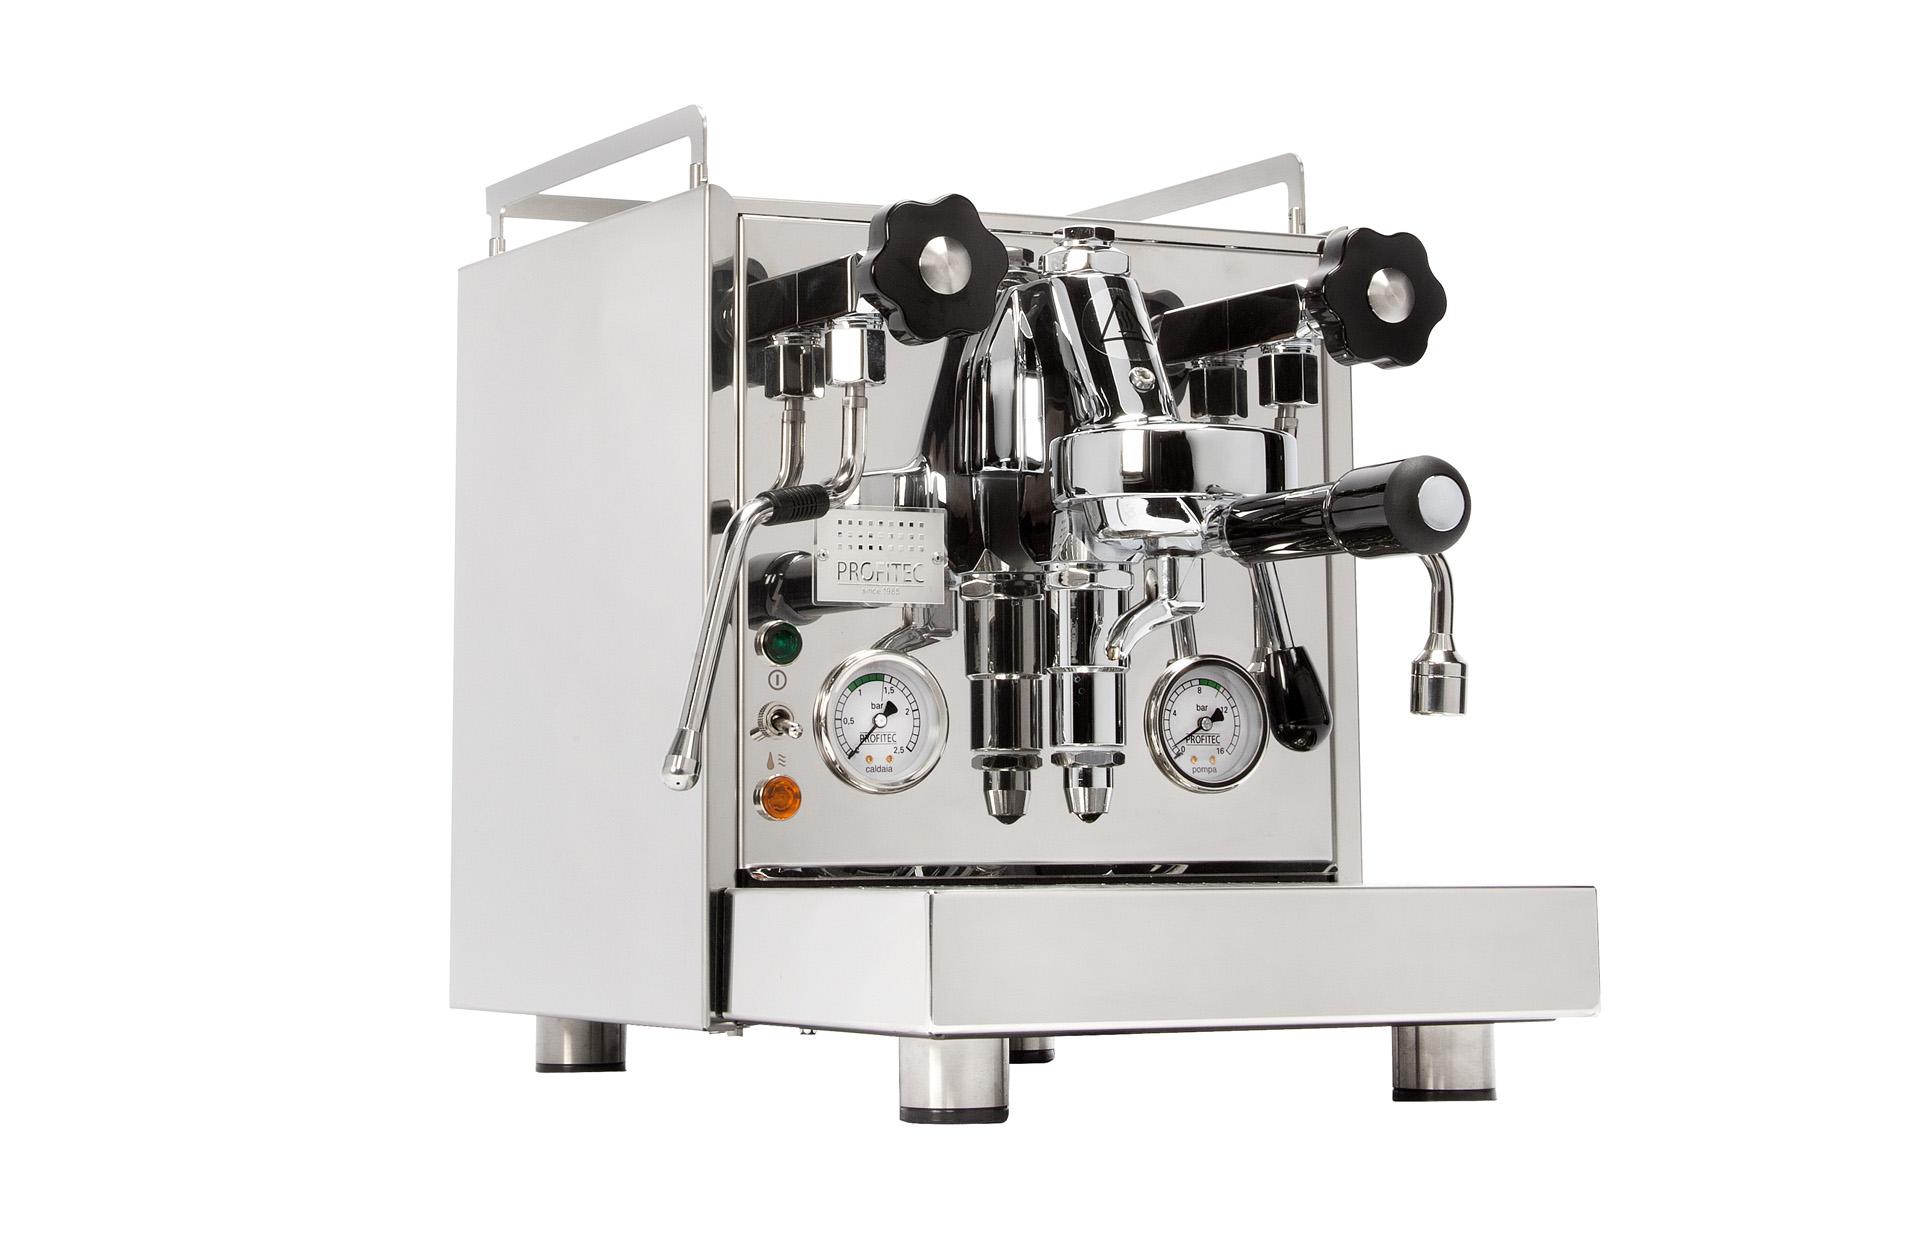 Profitc Pro 500 PID Espressomaschine